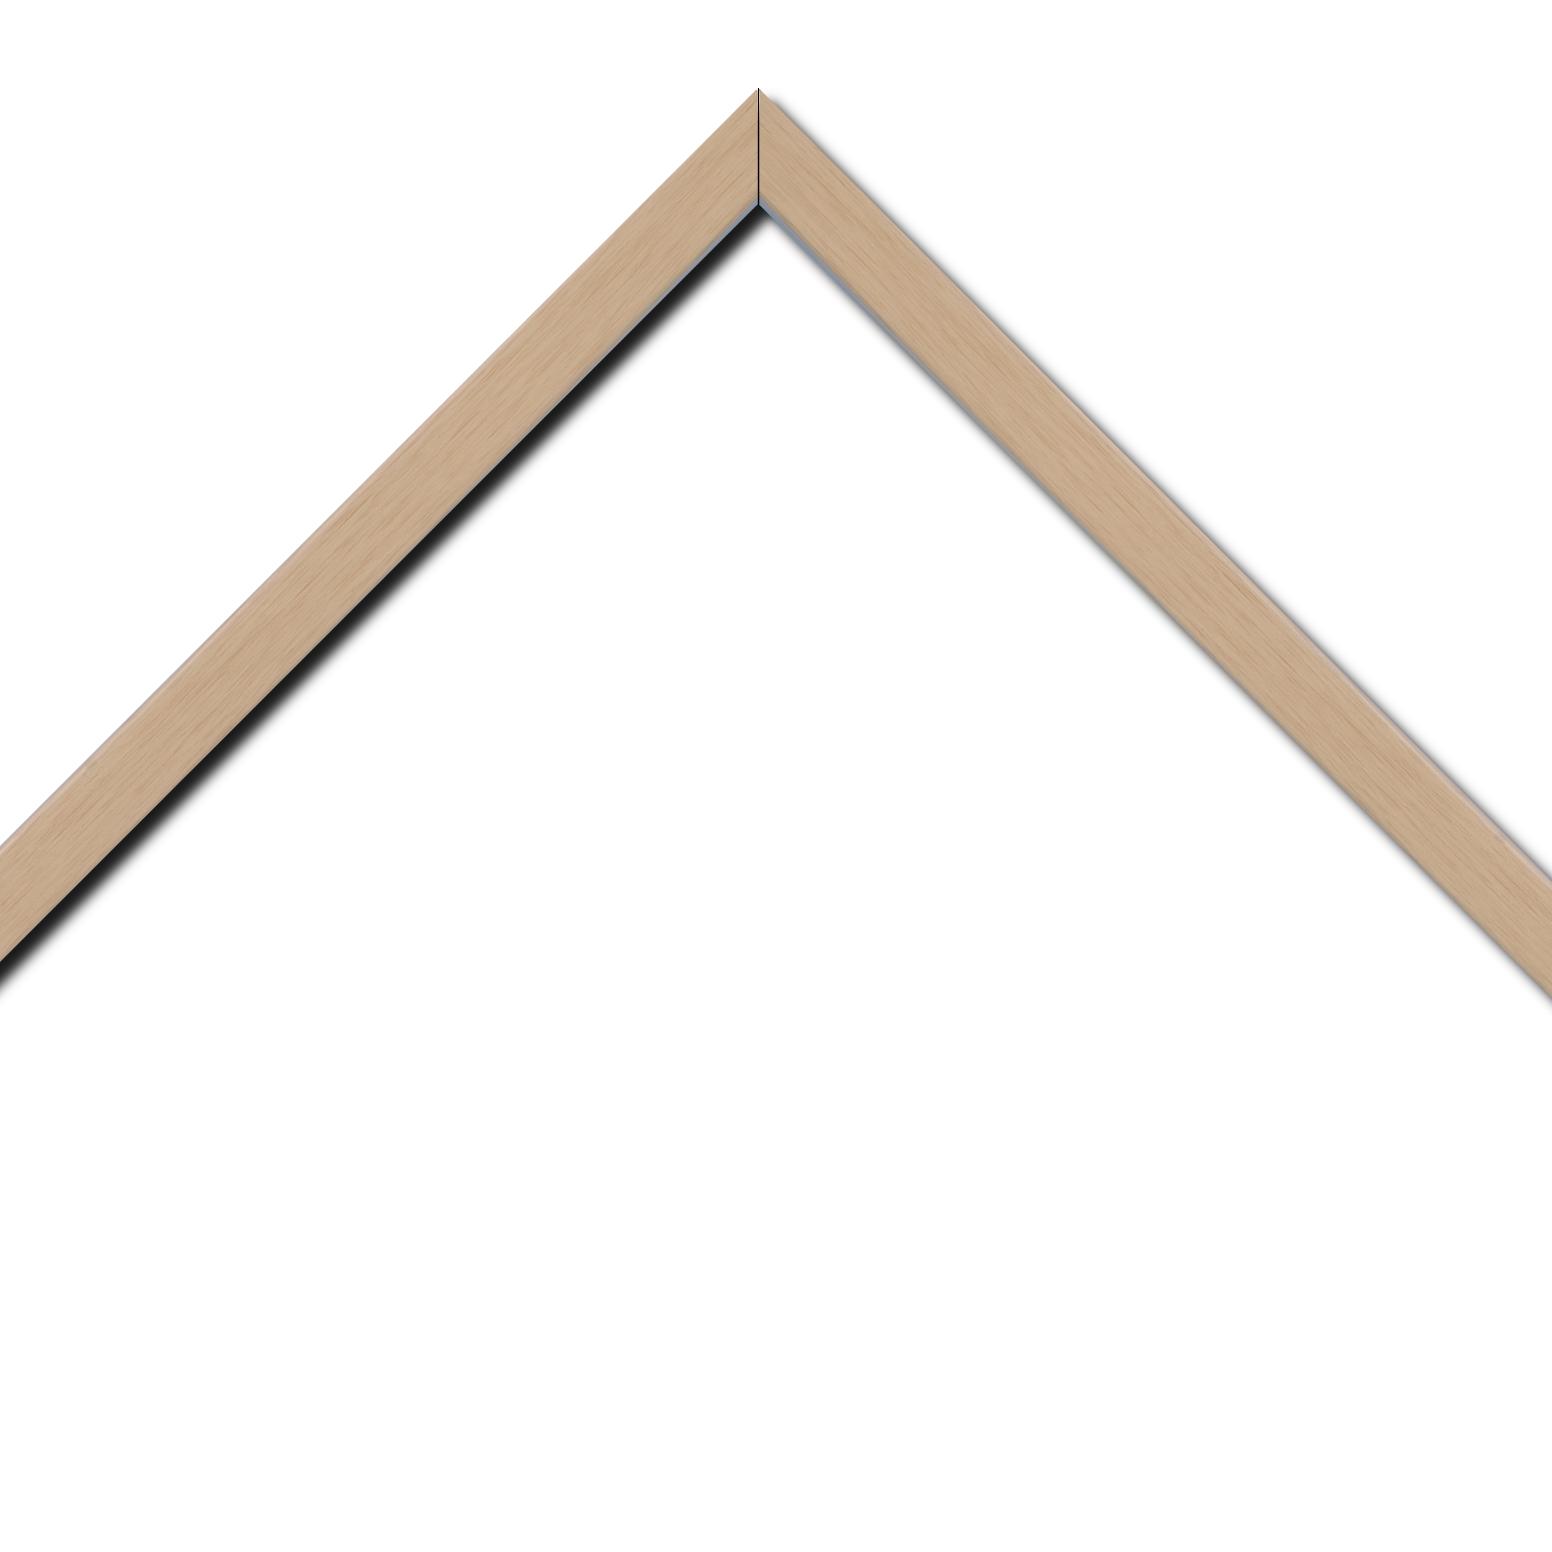 Baguette bois profil plat largeur 2cm ayous massif naturel (sans vernis, peut être peint...)